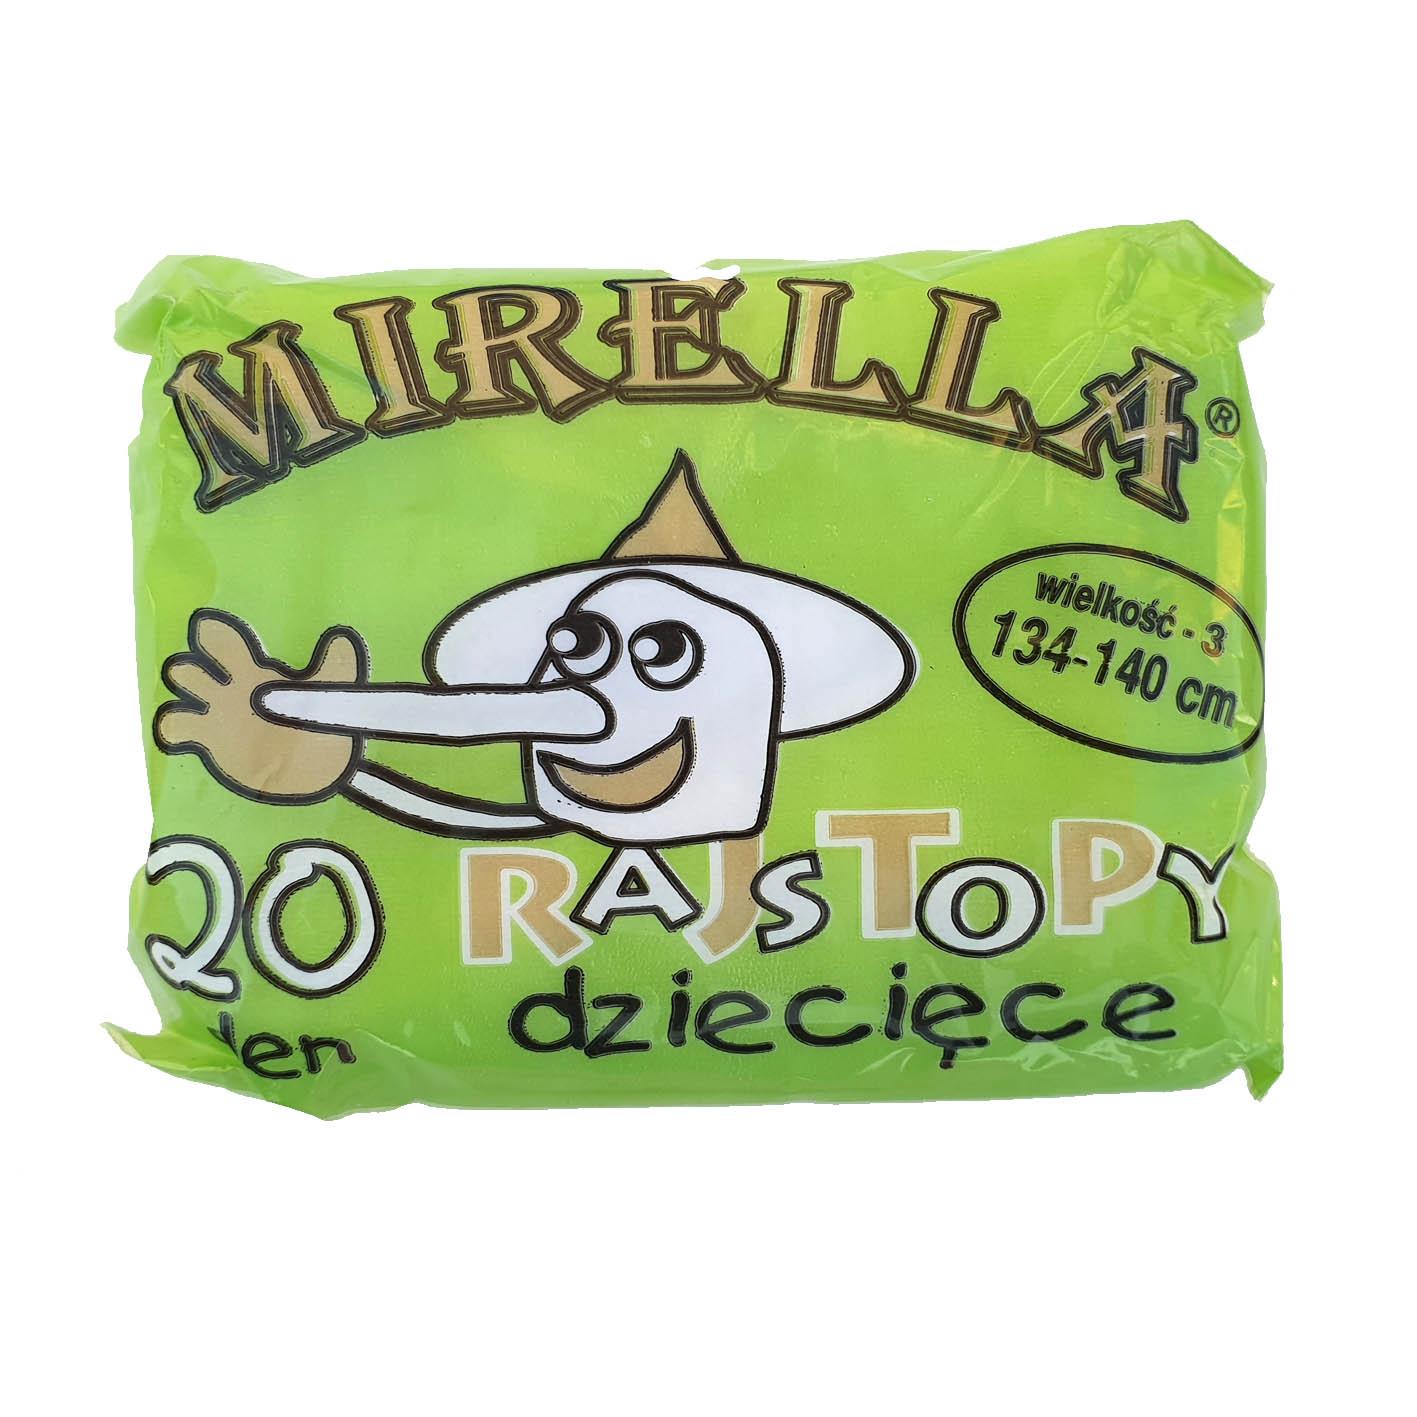 Rajstopy dziecięce poliamid 134-140 Mirella